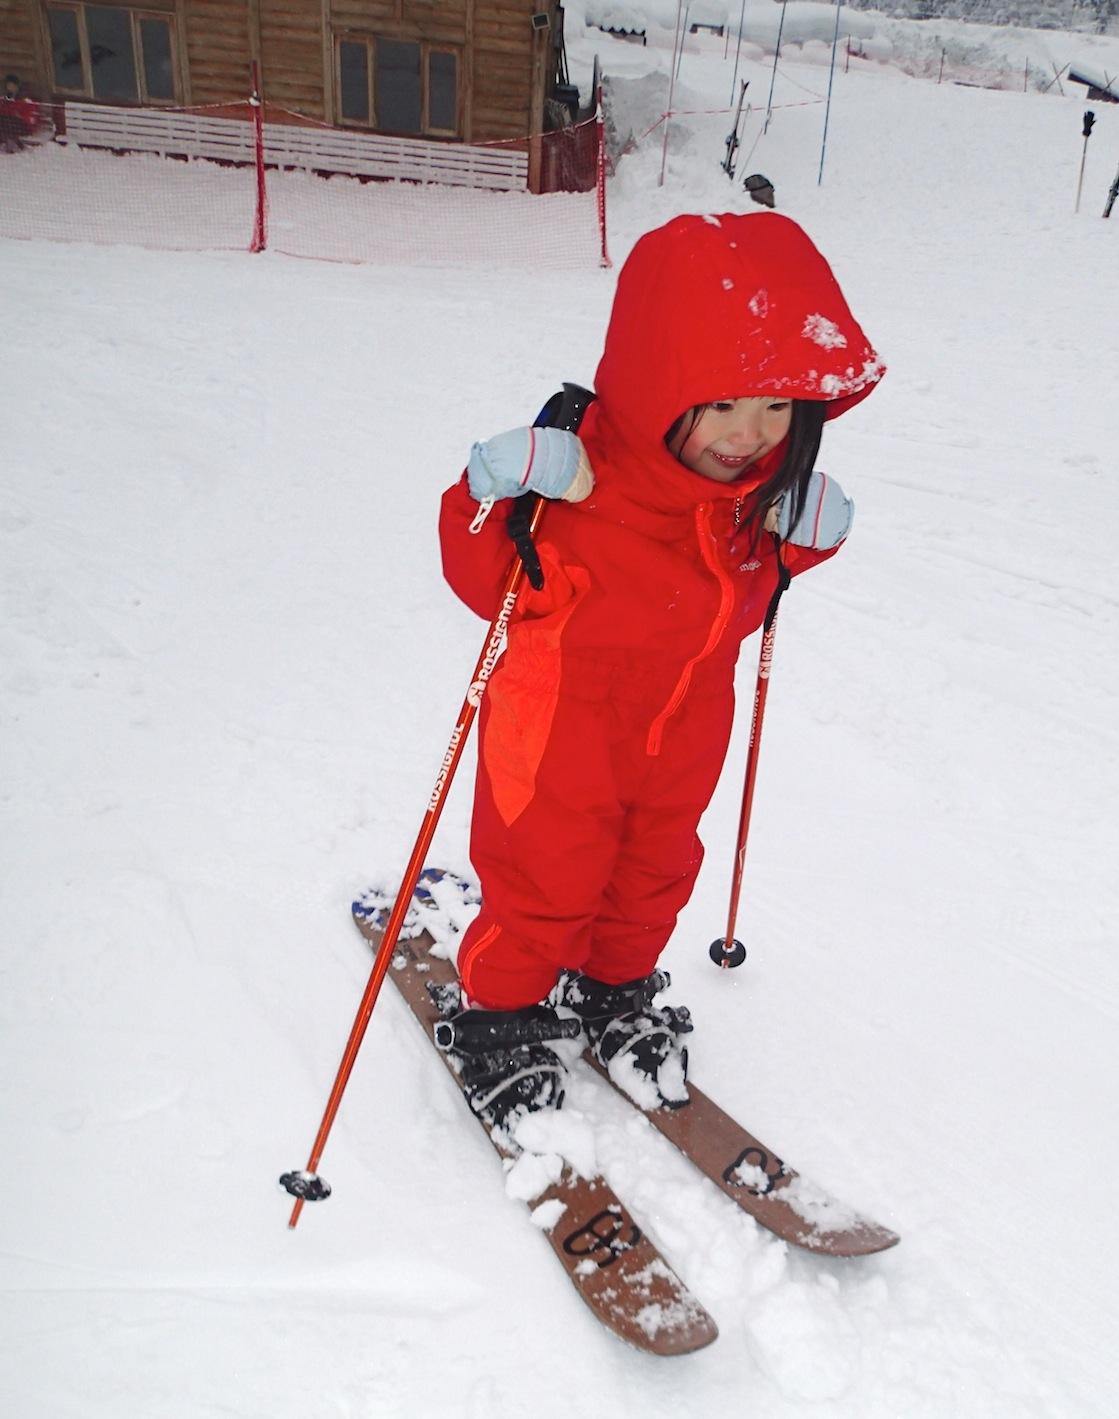 Kids On Skishoes – The Hokstars! – Skishoeing